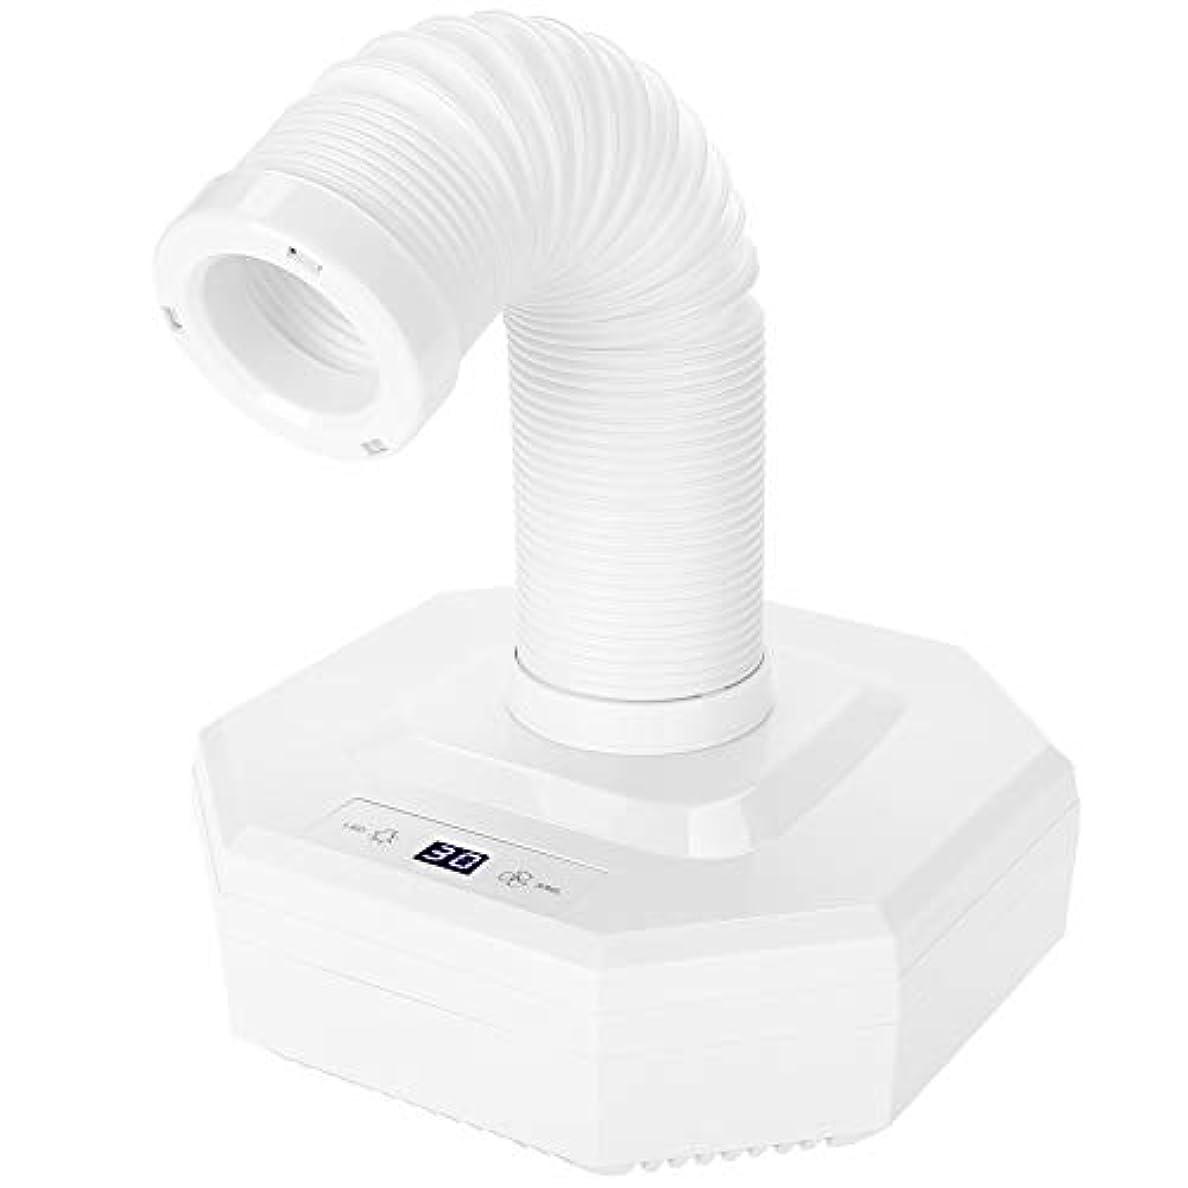 ピン右石ネイル集塵機、60ワット強力なパワーマニキュア吸引掃除機用サロンuvジェルアクリルアートペディキュアツール(白)